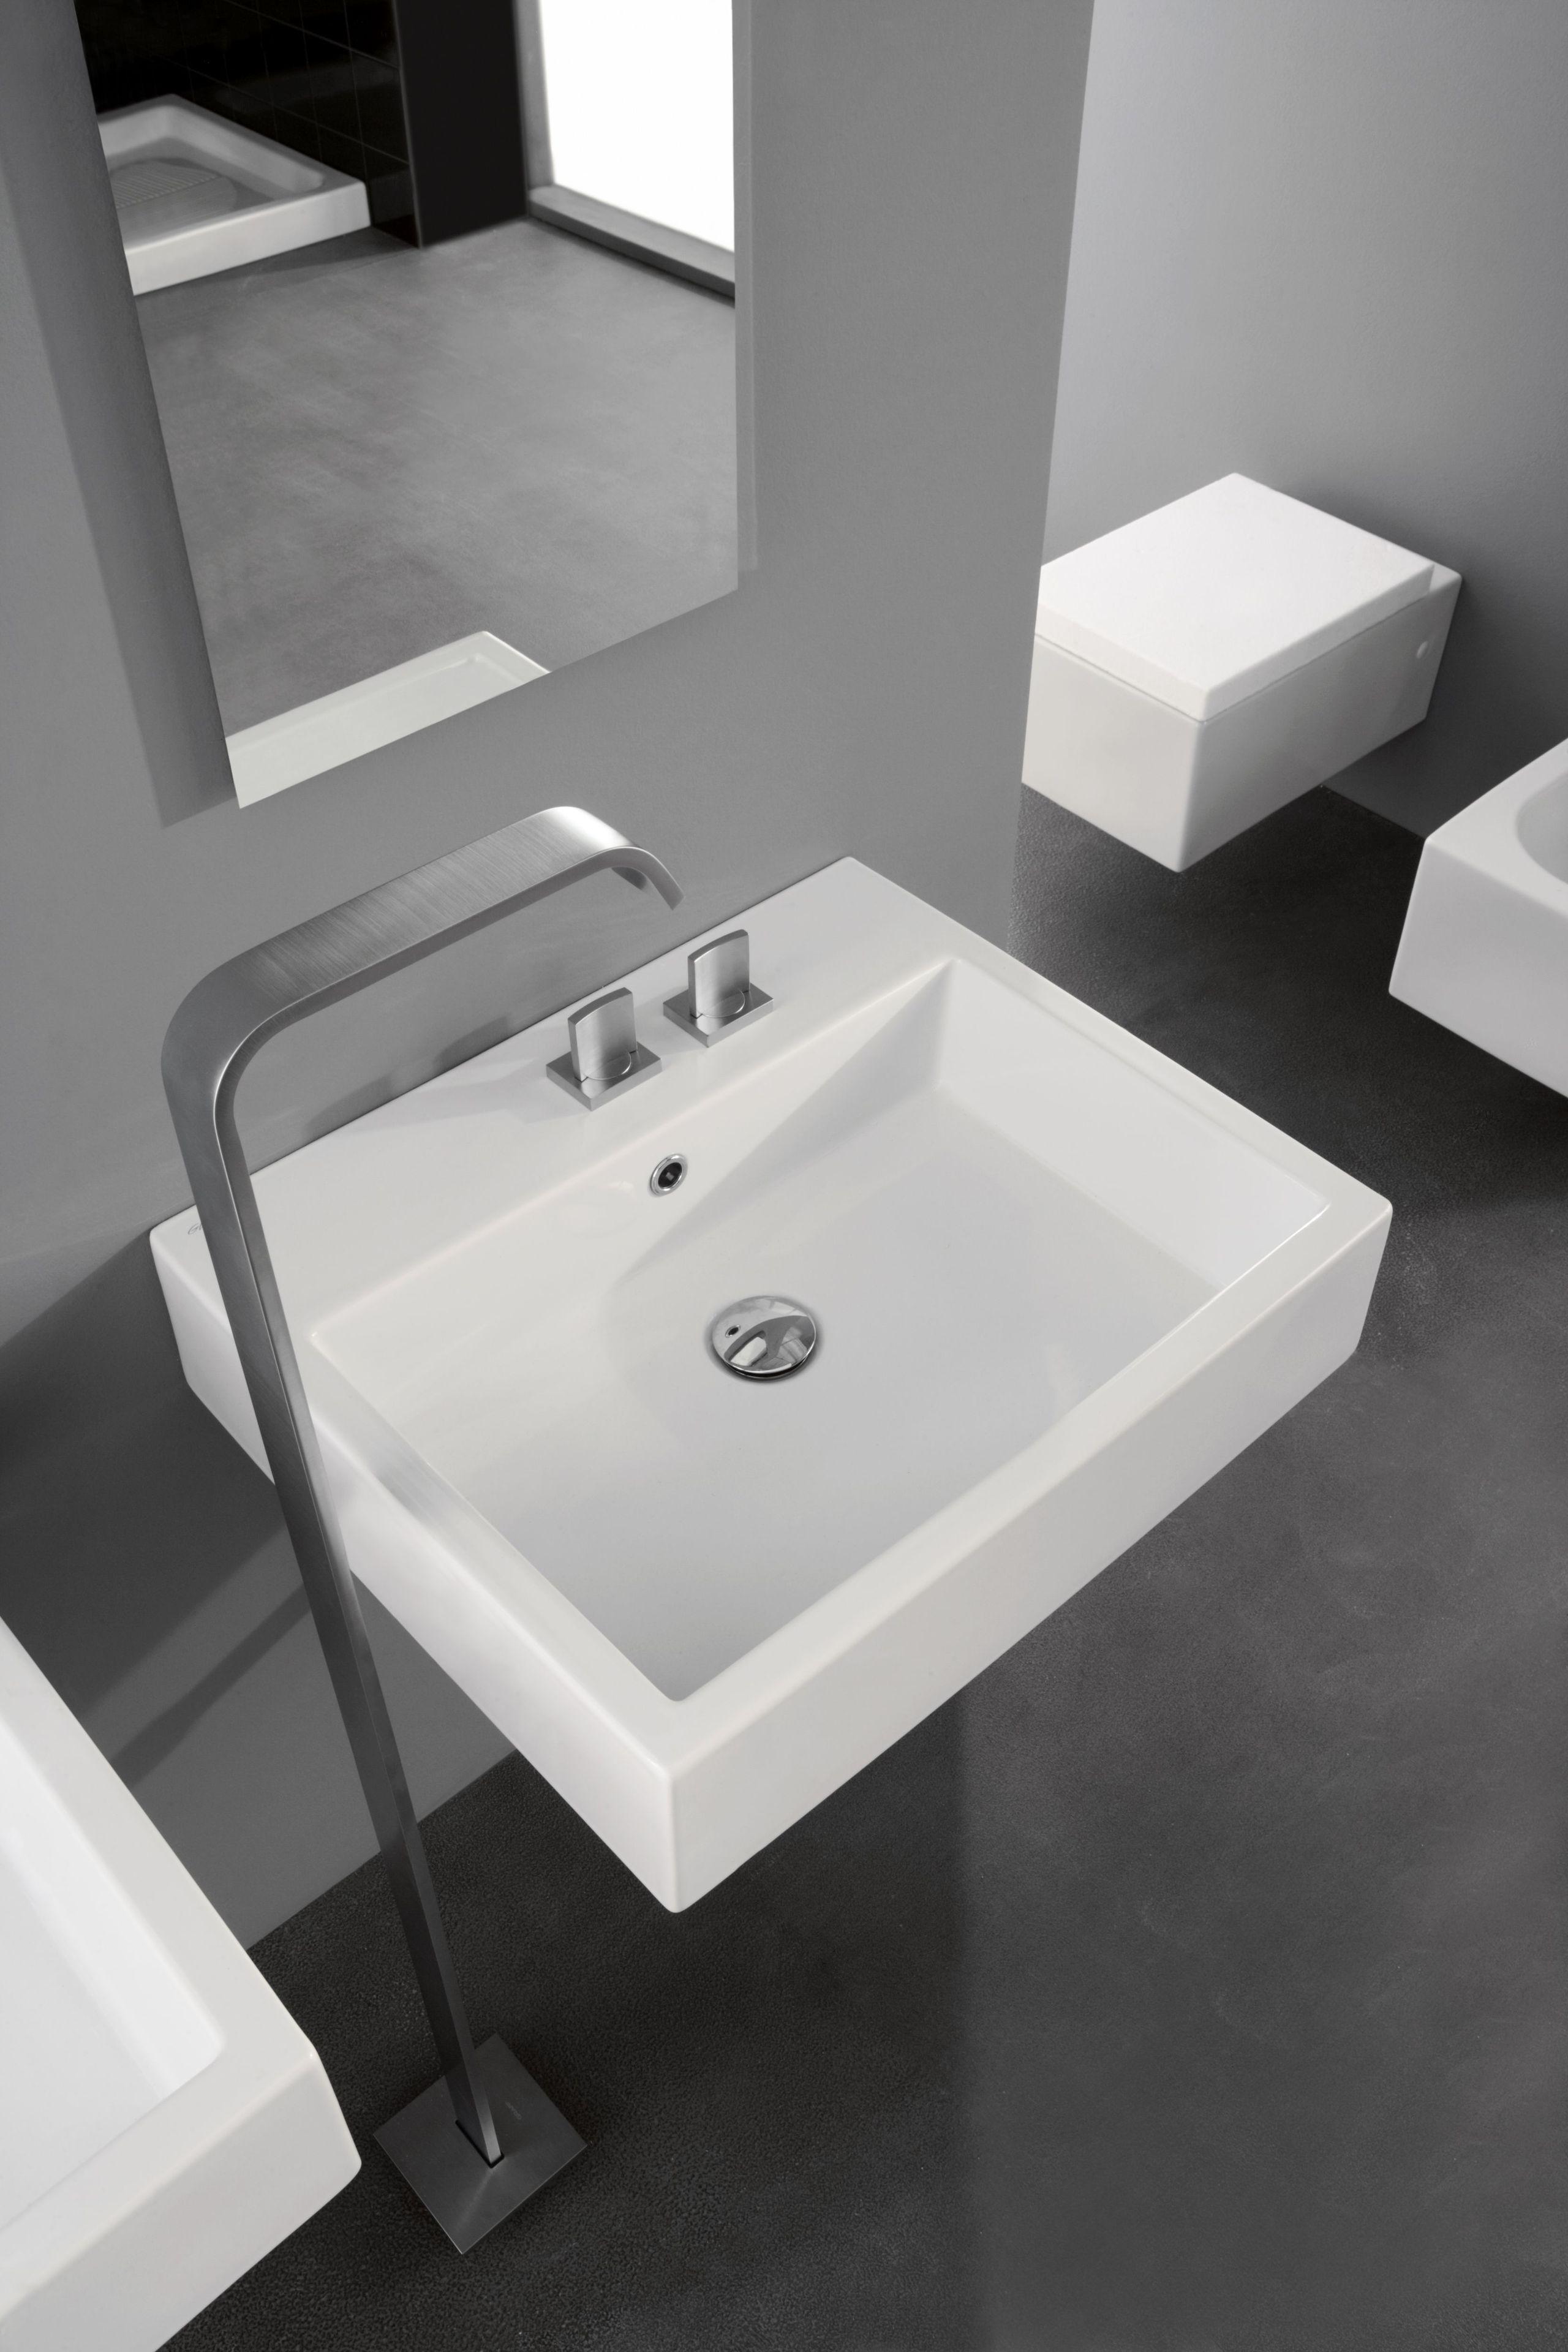 Grifo para lavabo para fijaci n al suelo colecci n targa - Grifos para lavabos ...